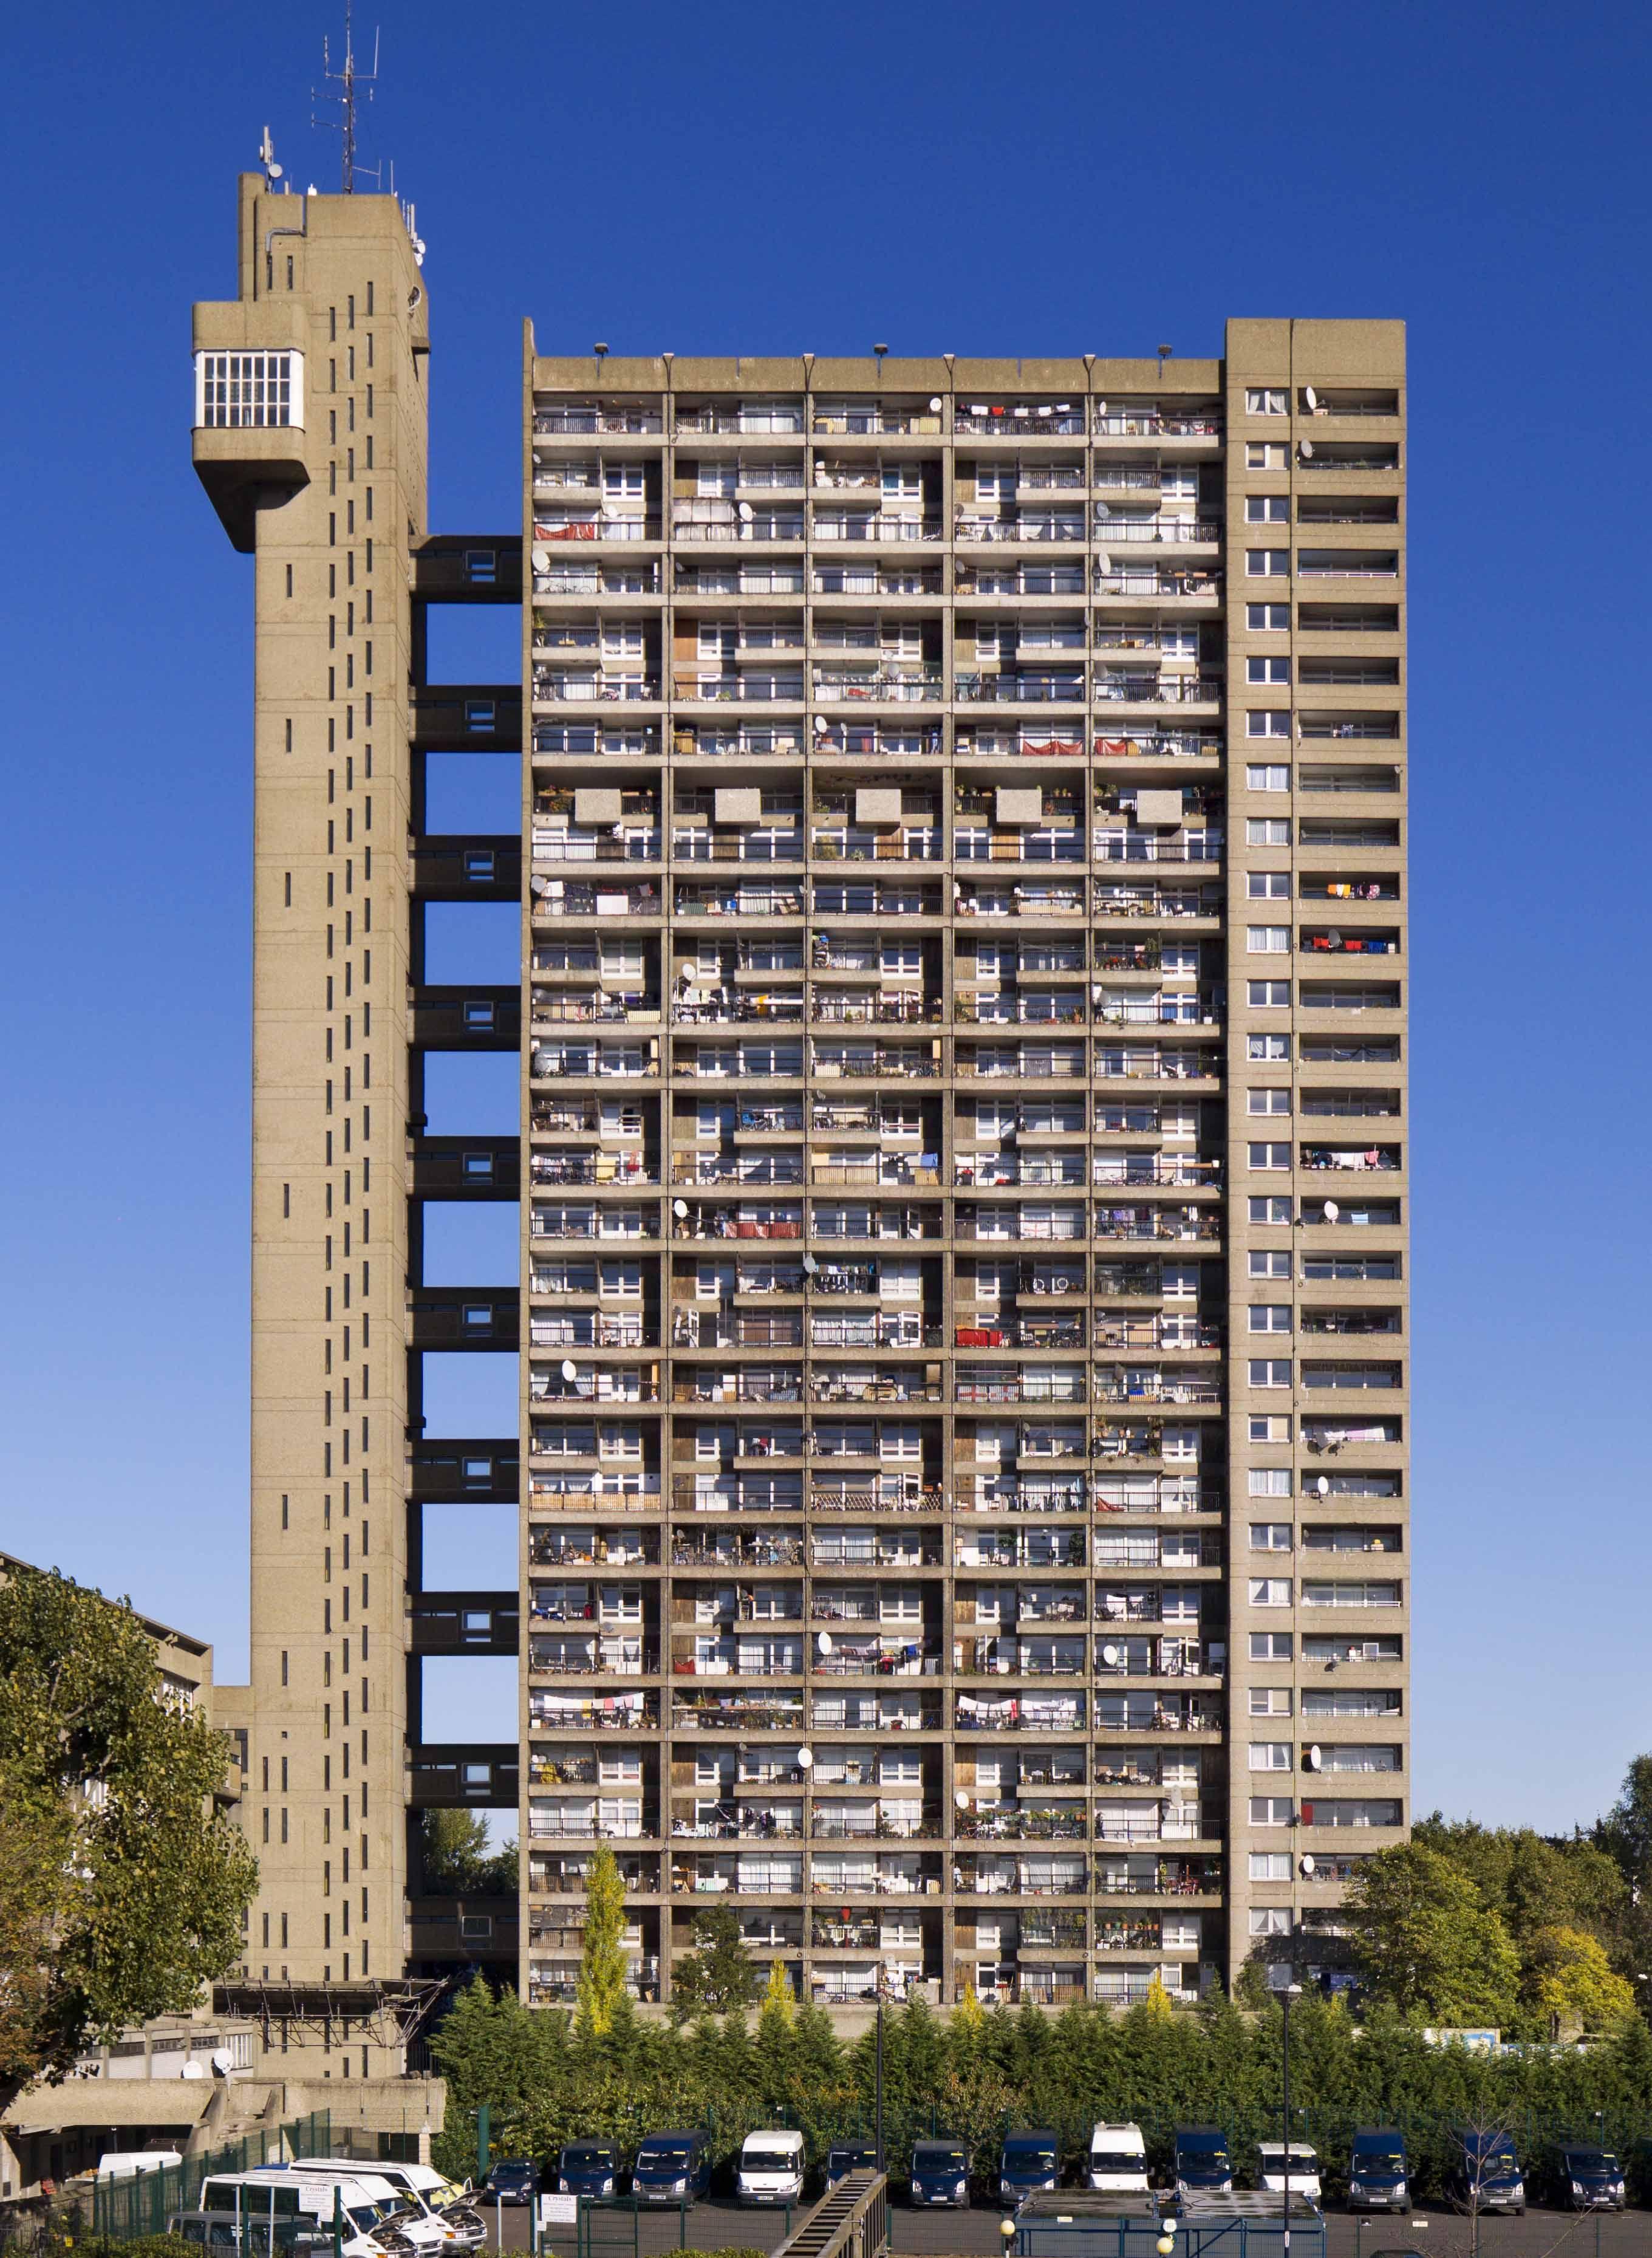 Arquitetura Brutalista: Torre Trellick (Reino Unido)